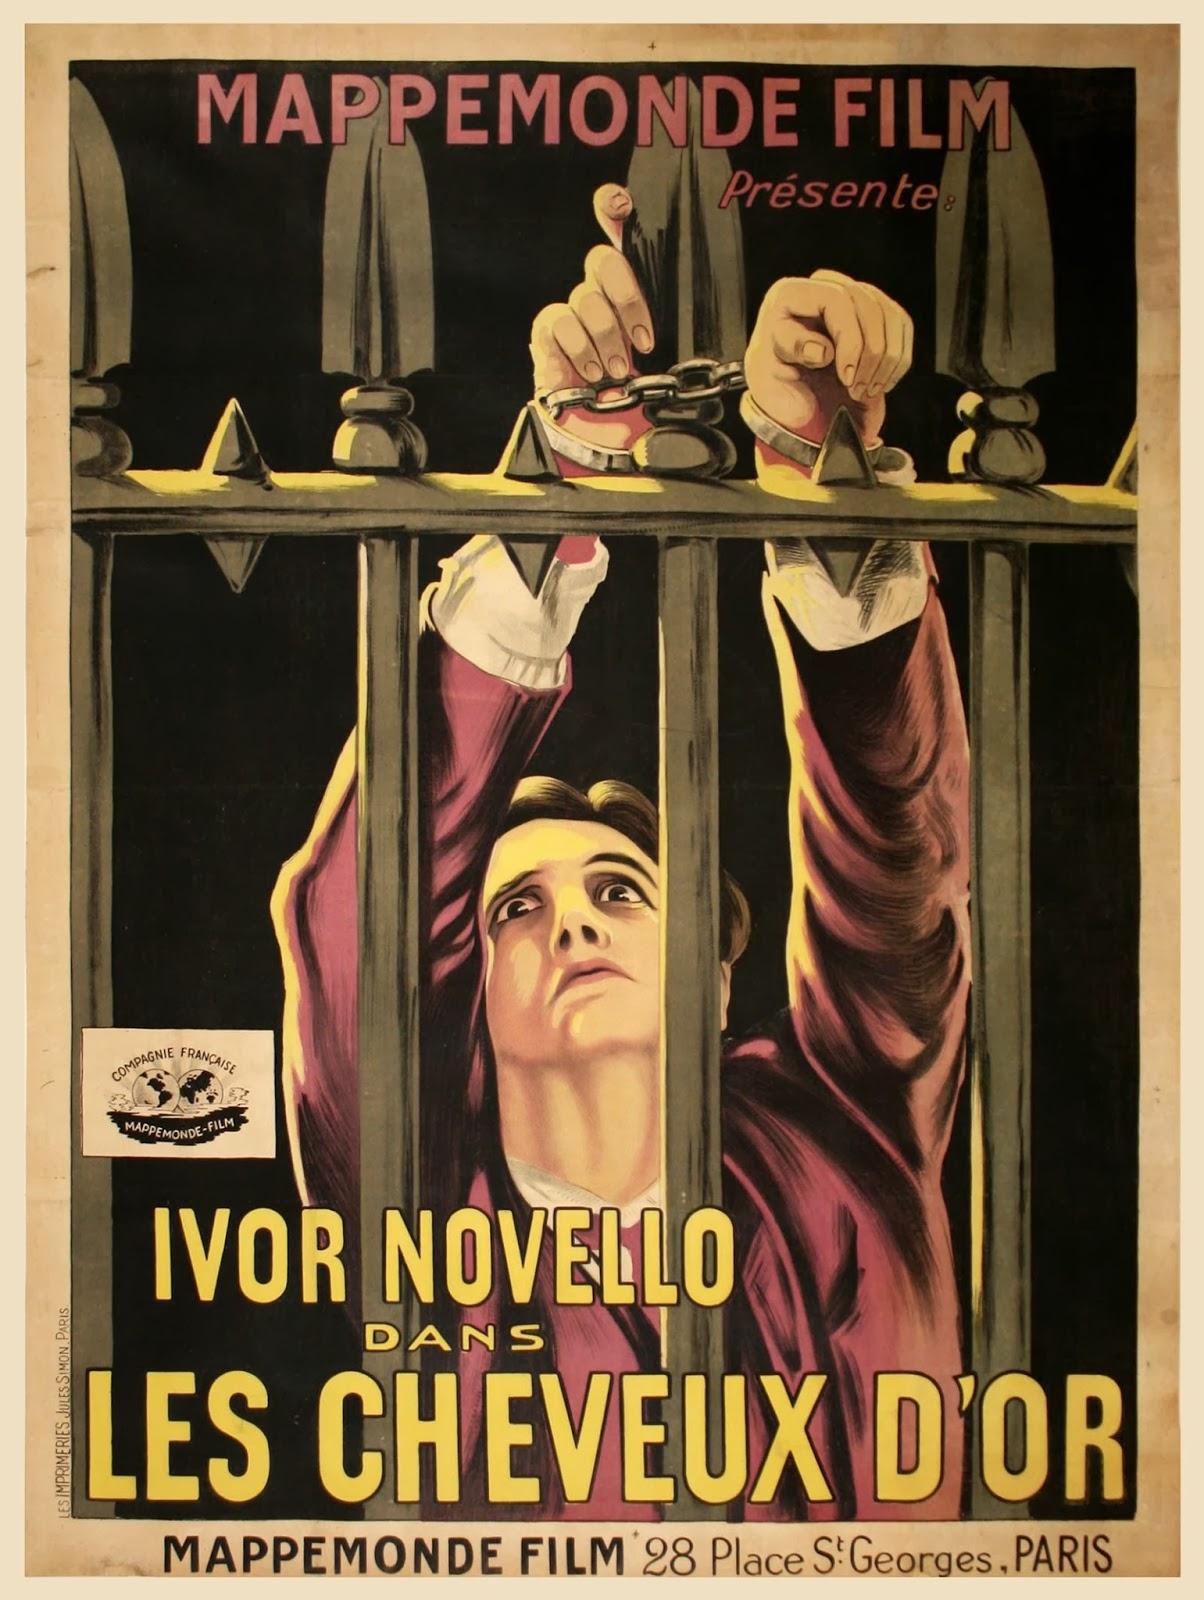 Μια εναλλακτική αφίσα για τον Ενοικιαστή